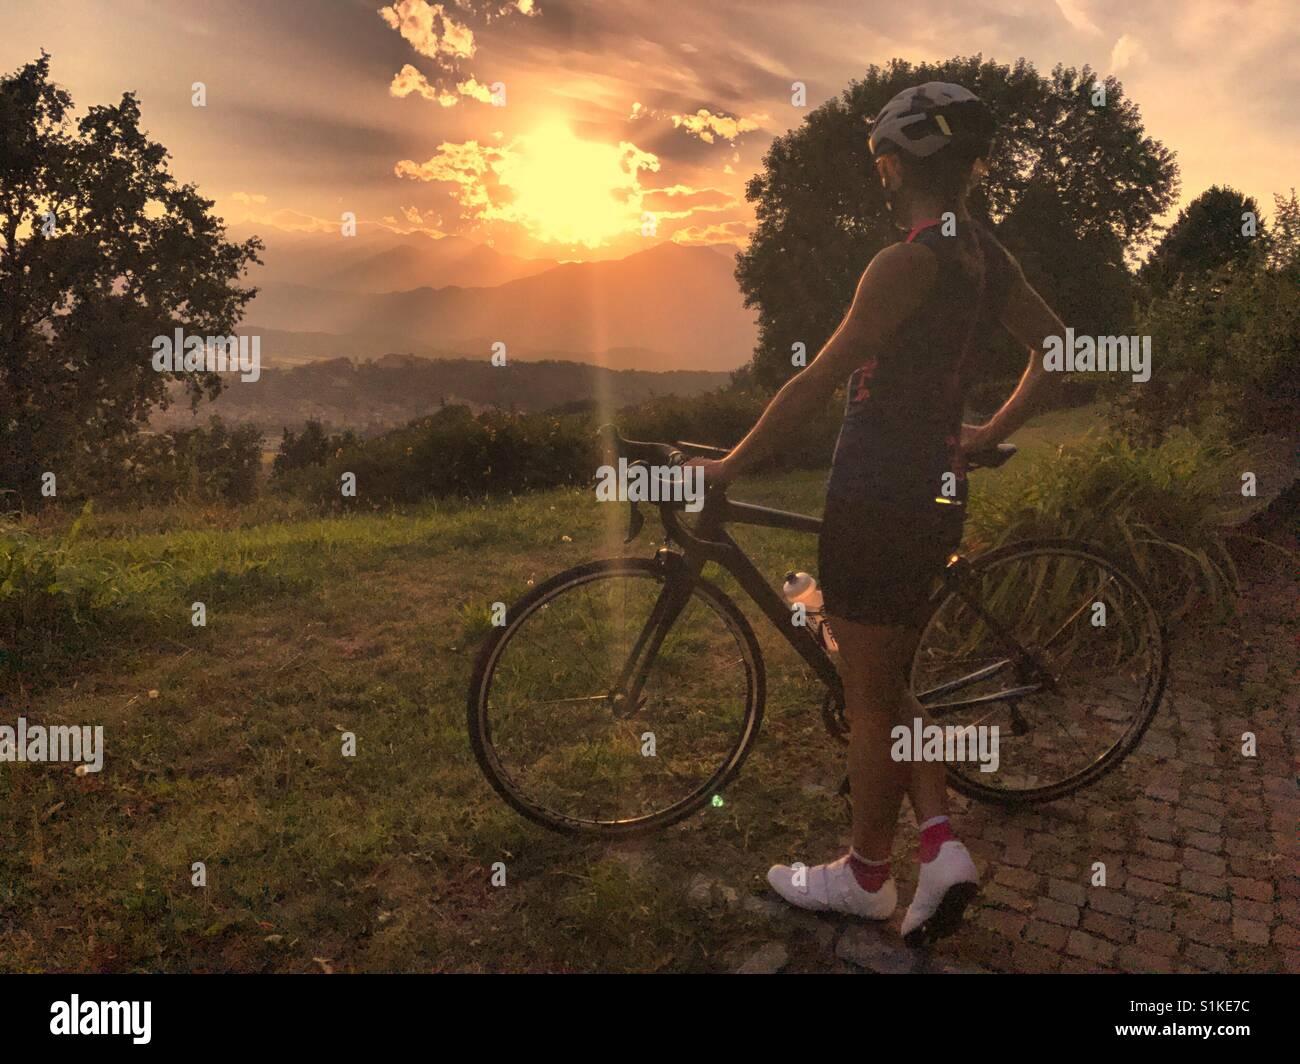 Ciclismo de verano al atardecer Foto de stock